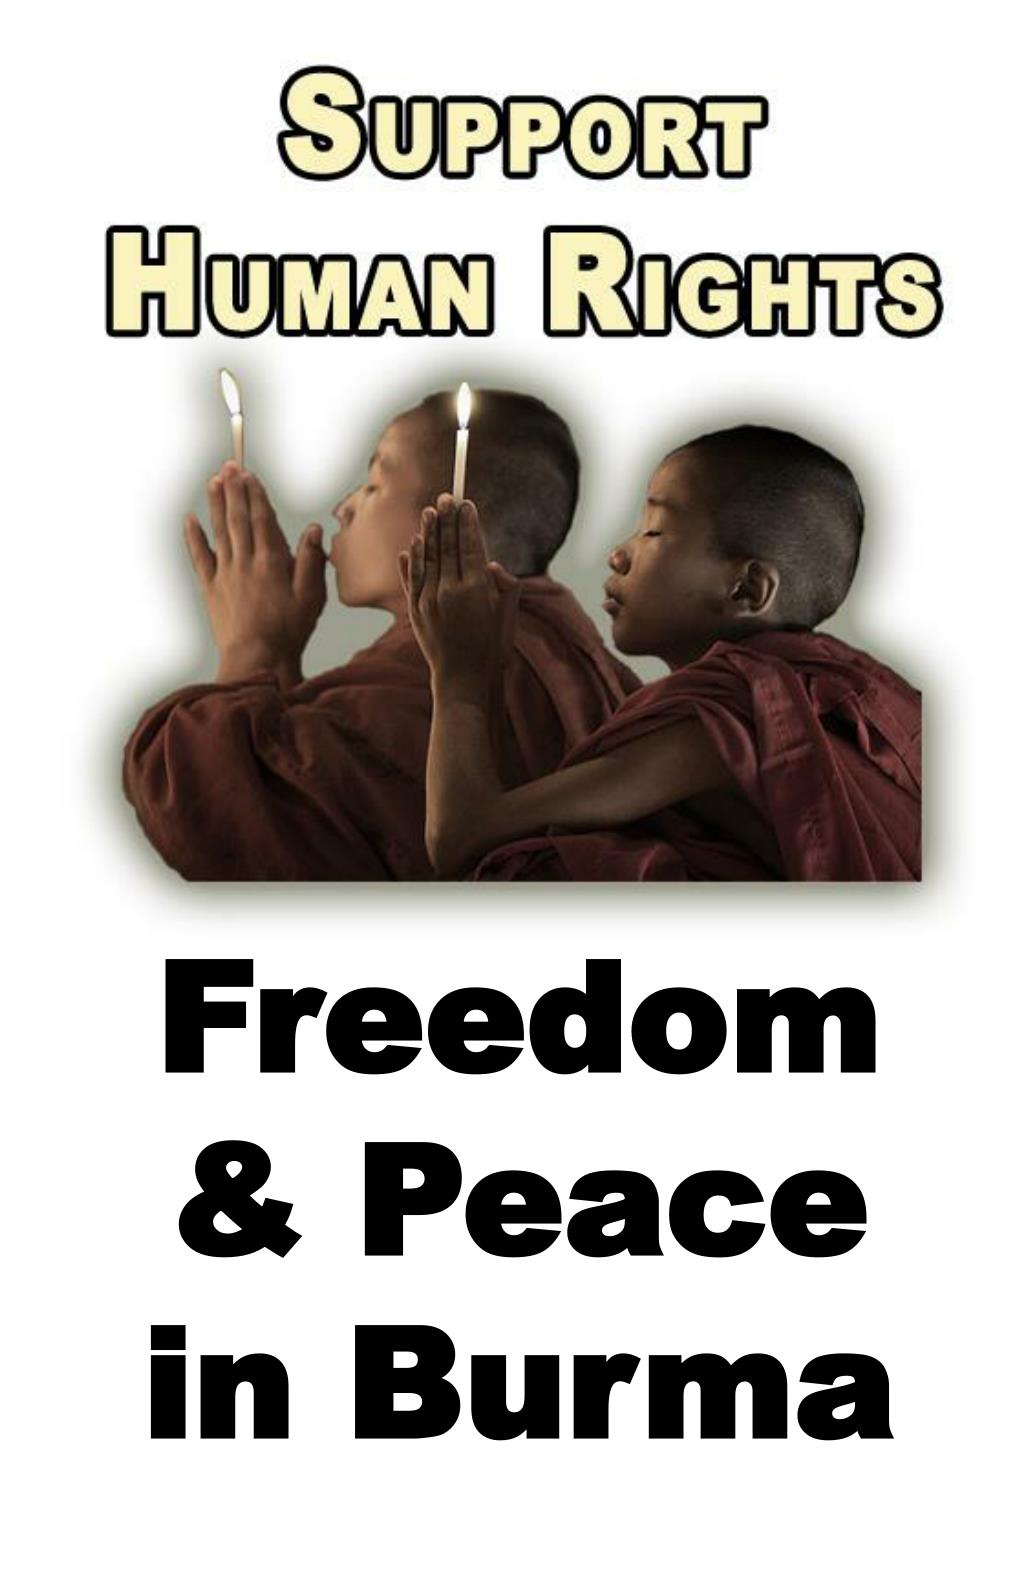 Freedom & Peace in Burma